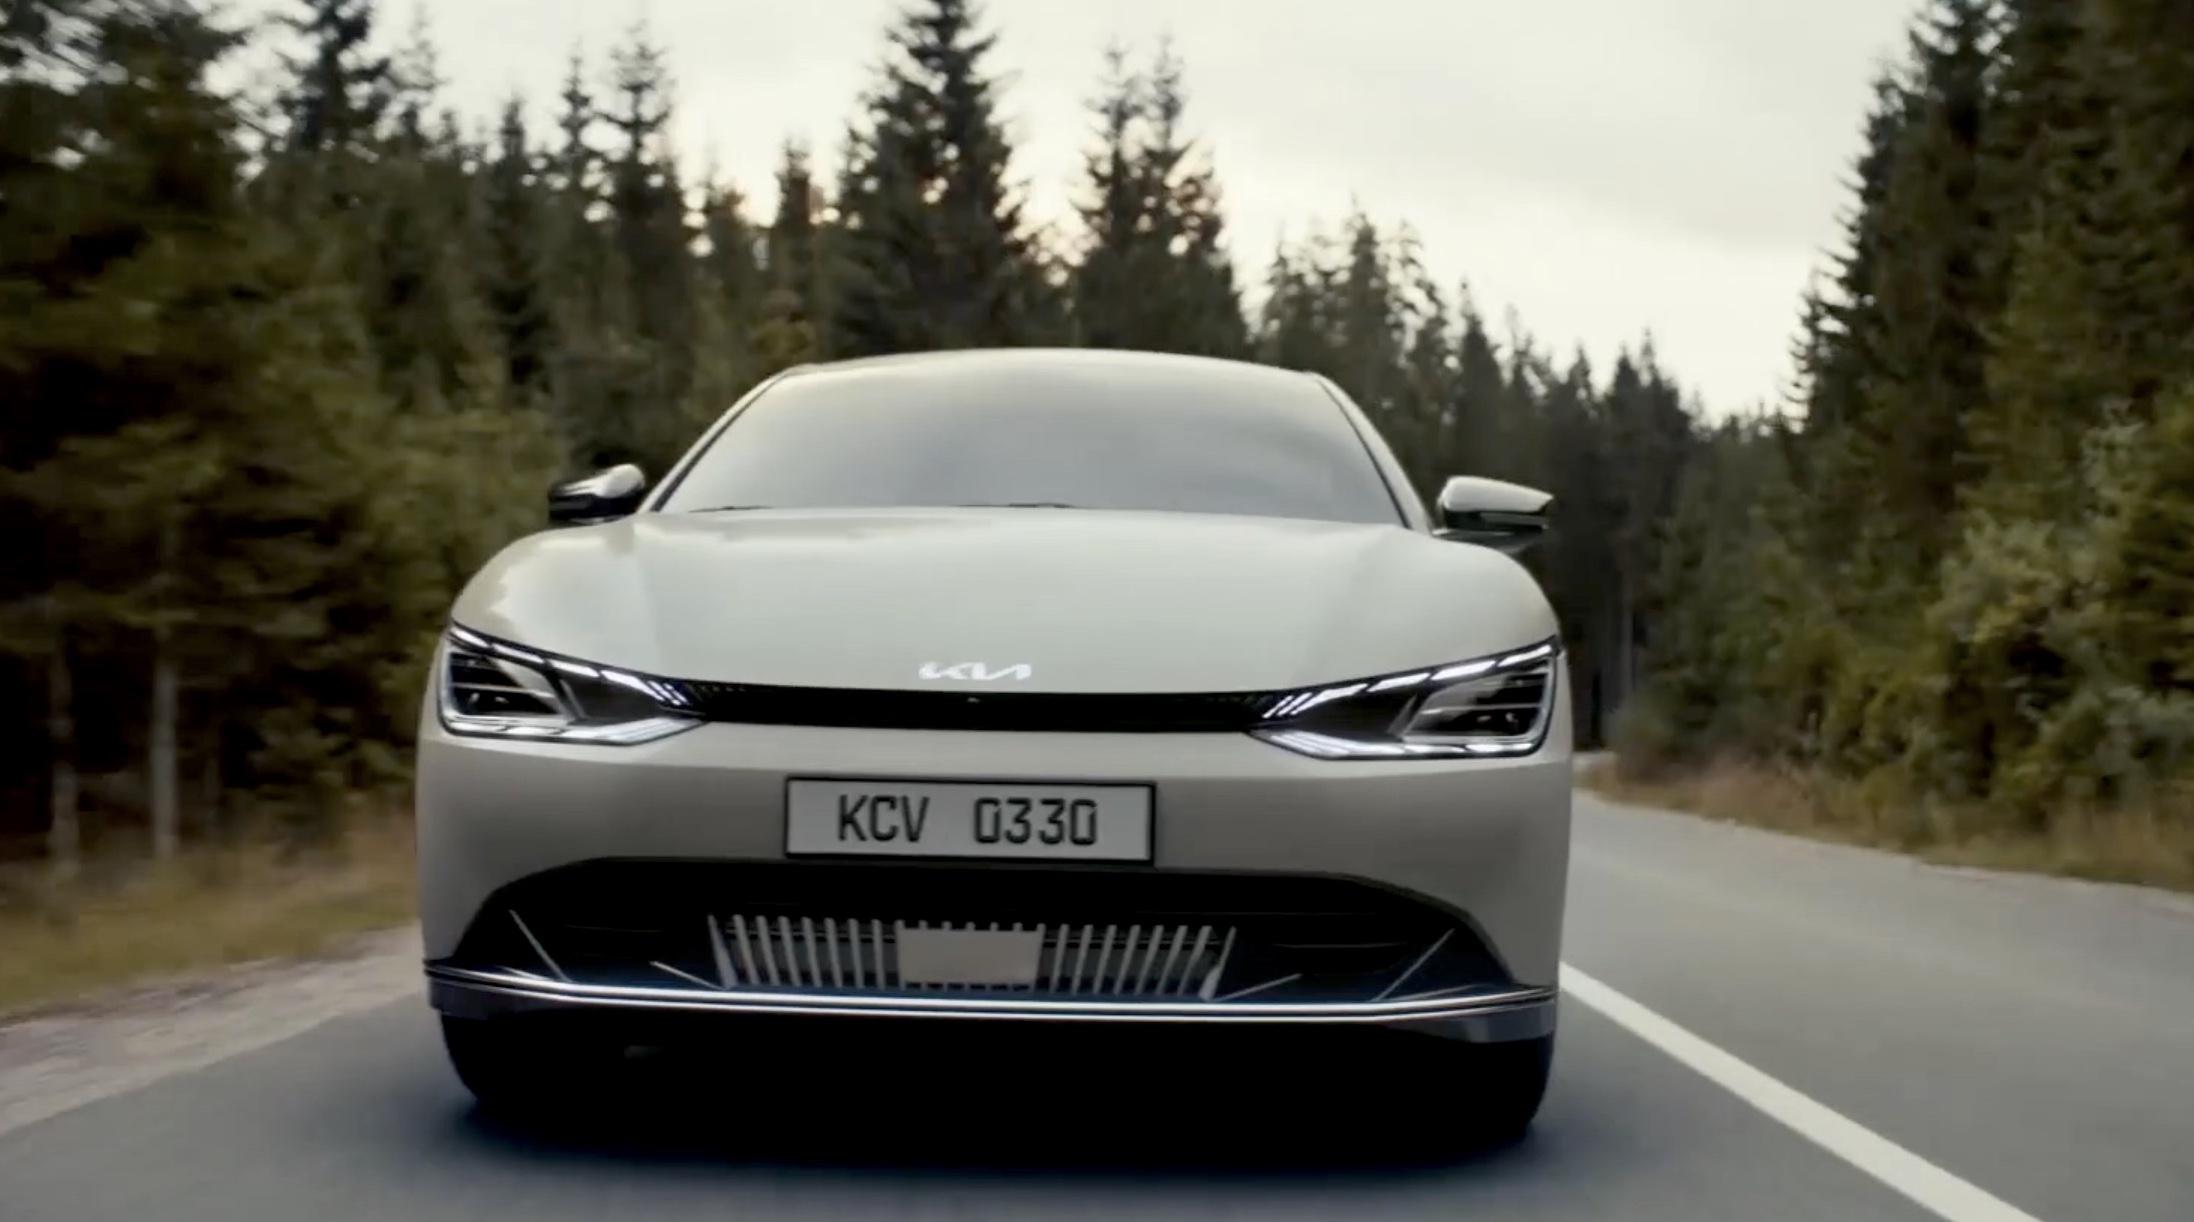 Kia tiết lộ triết lý thiết kế mới và hình ảnh đầy đủ của EV6